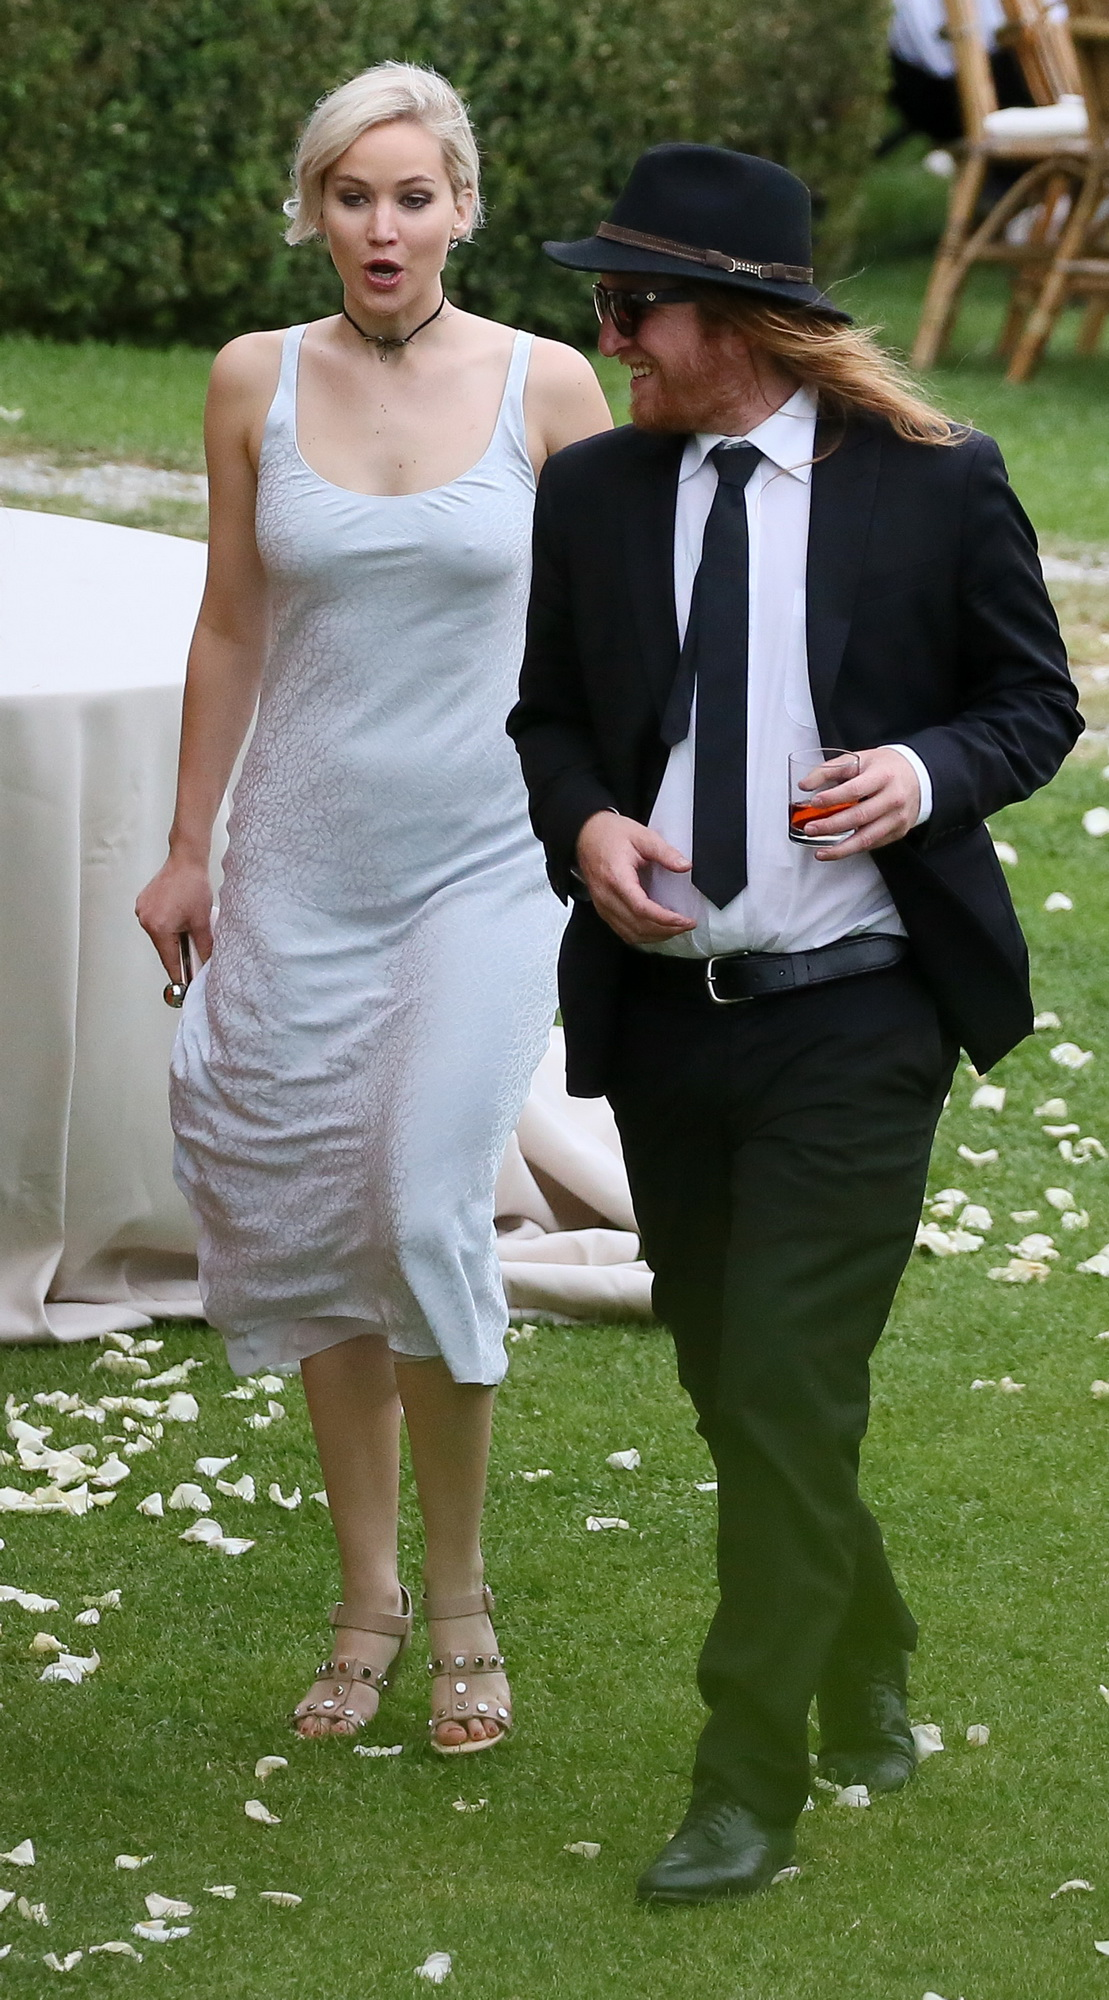 Jennifer upton wedding